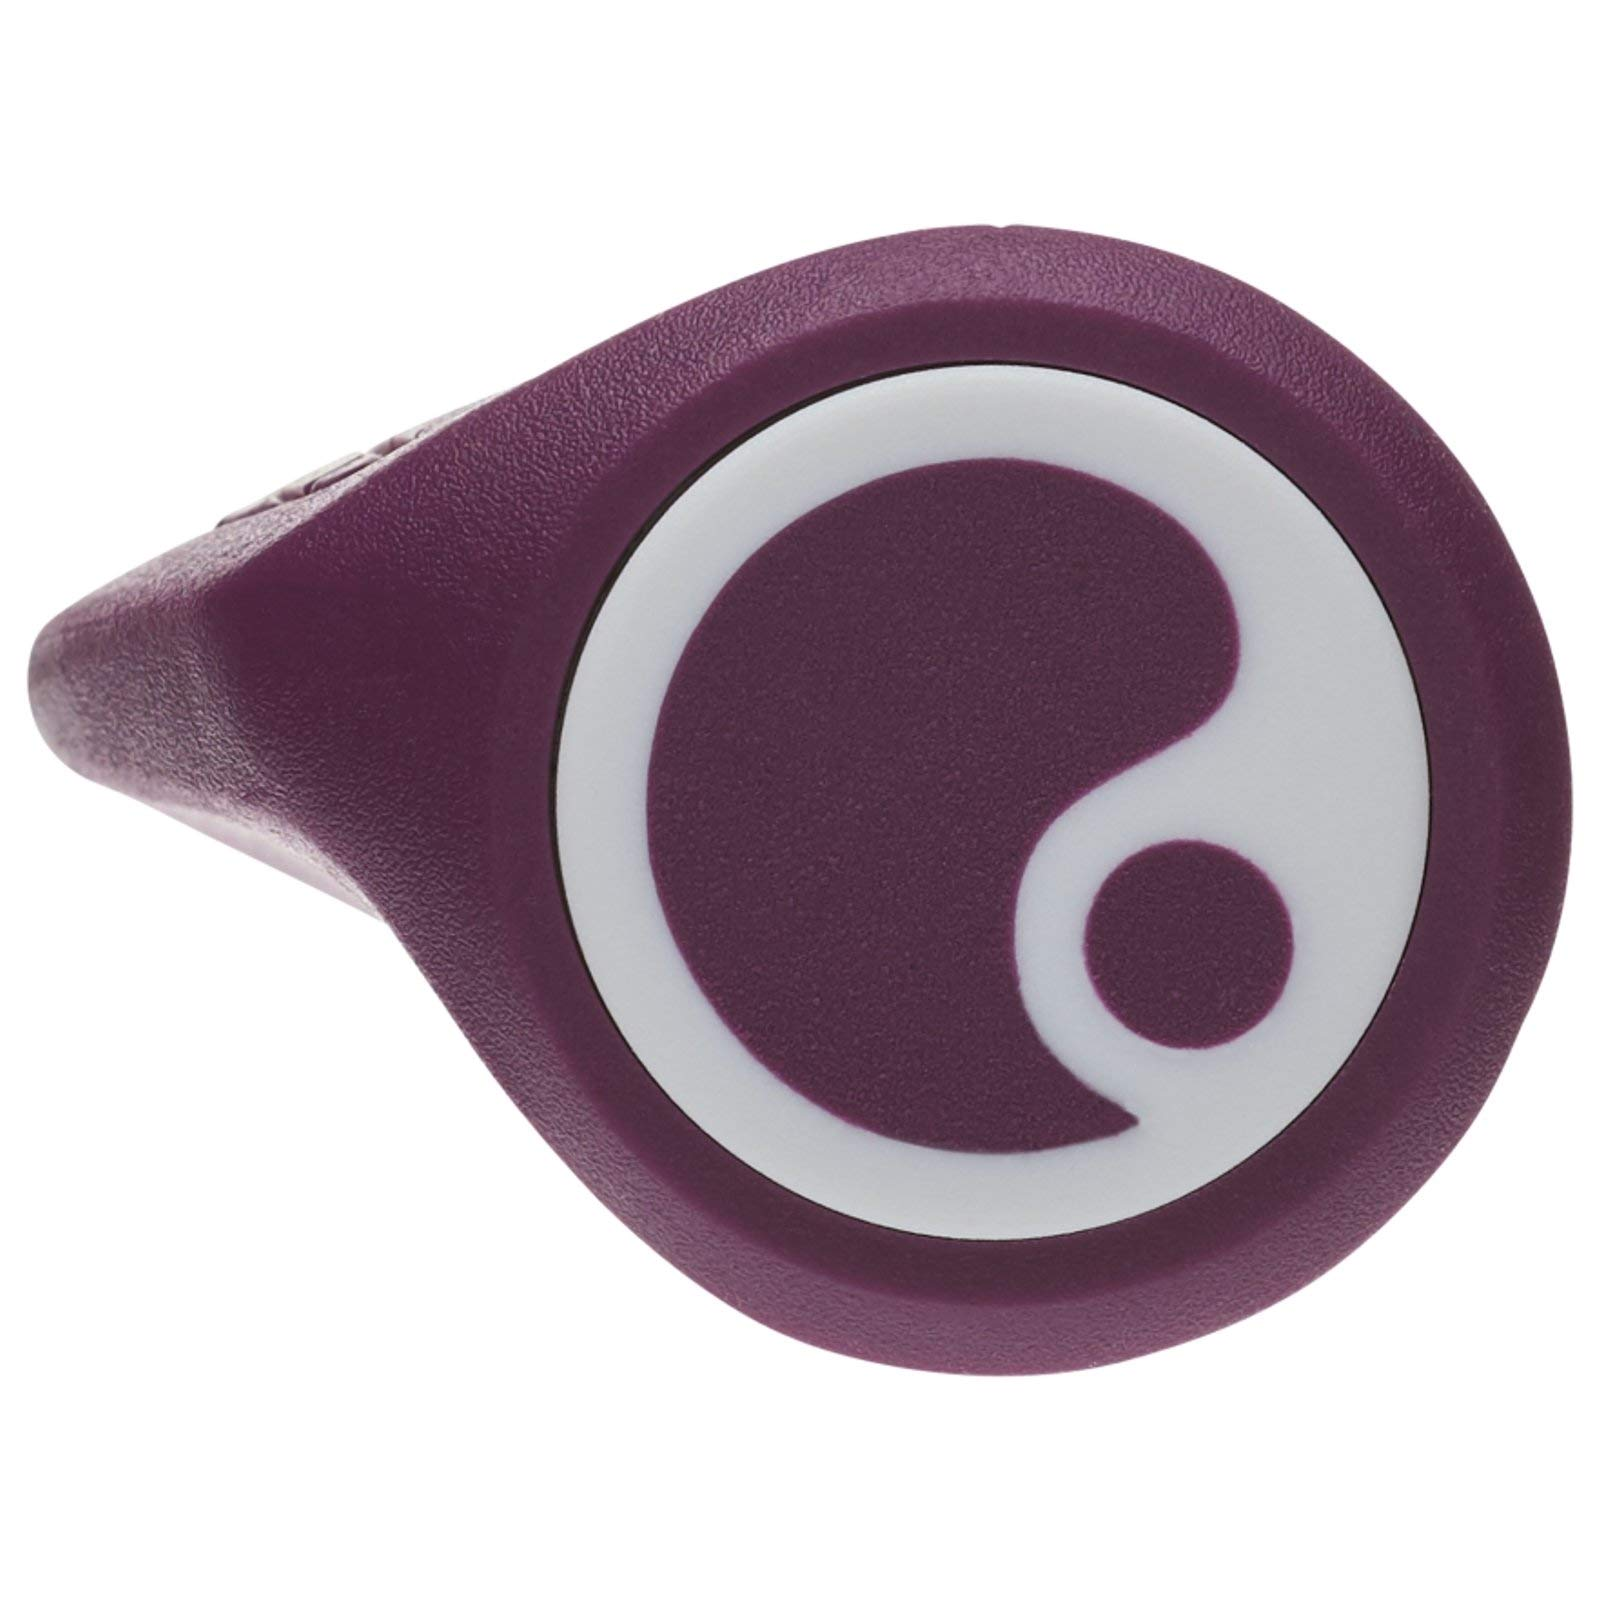 Ergon Grips Technical-GA3 Small Purple Reign Unisex Color Morado Mango para Bicicleta de Adulto